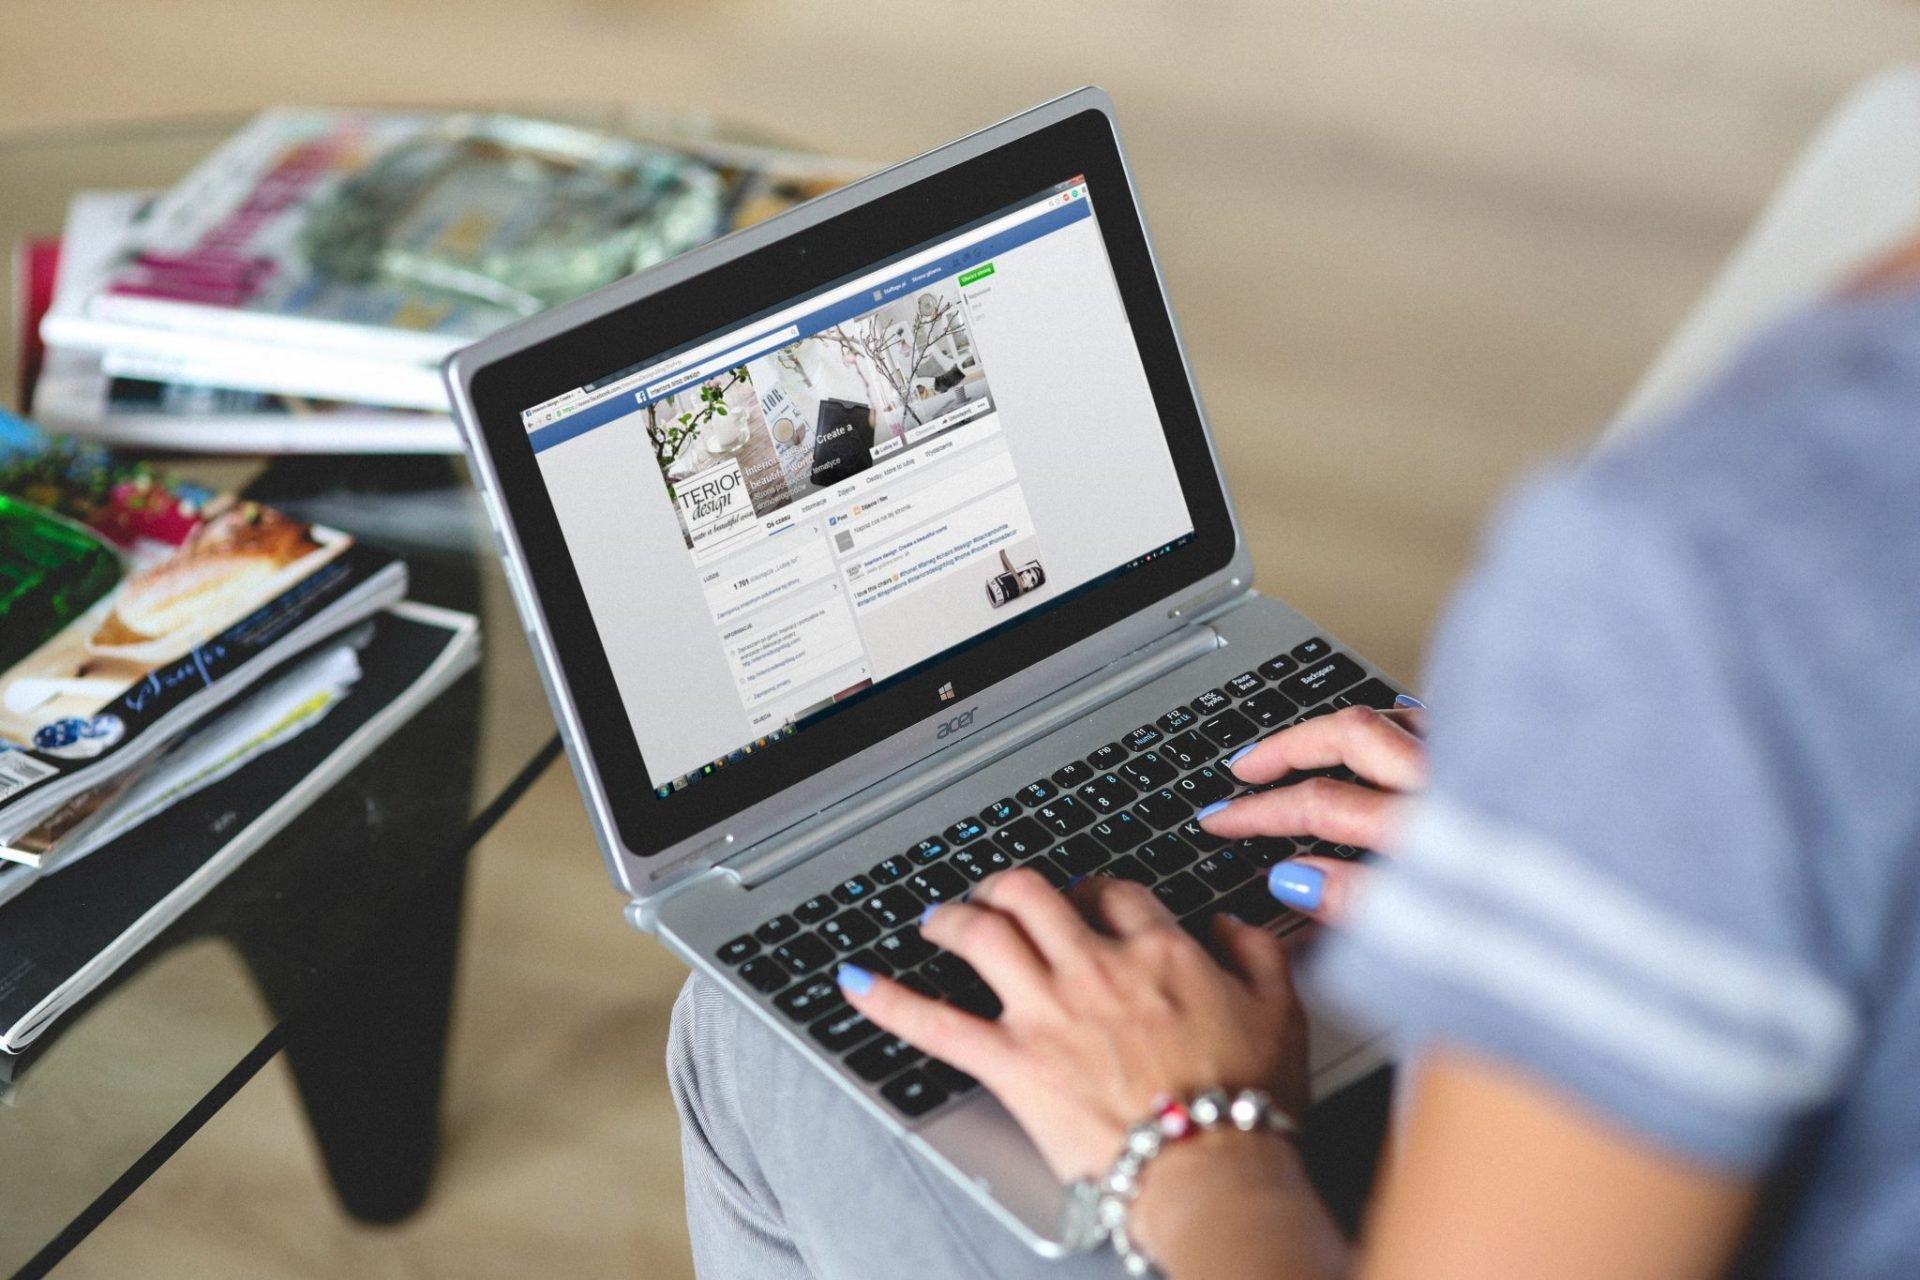 De kracht van social media voor je bedrijf